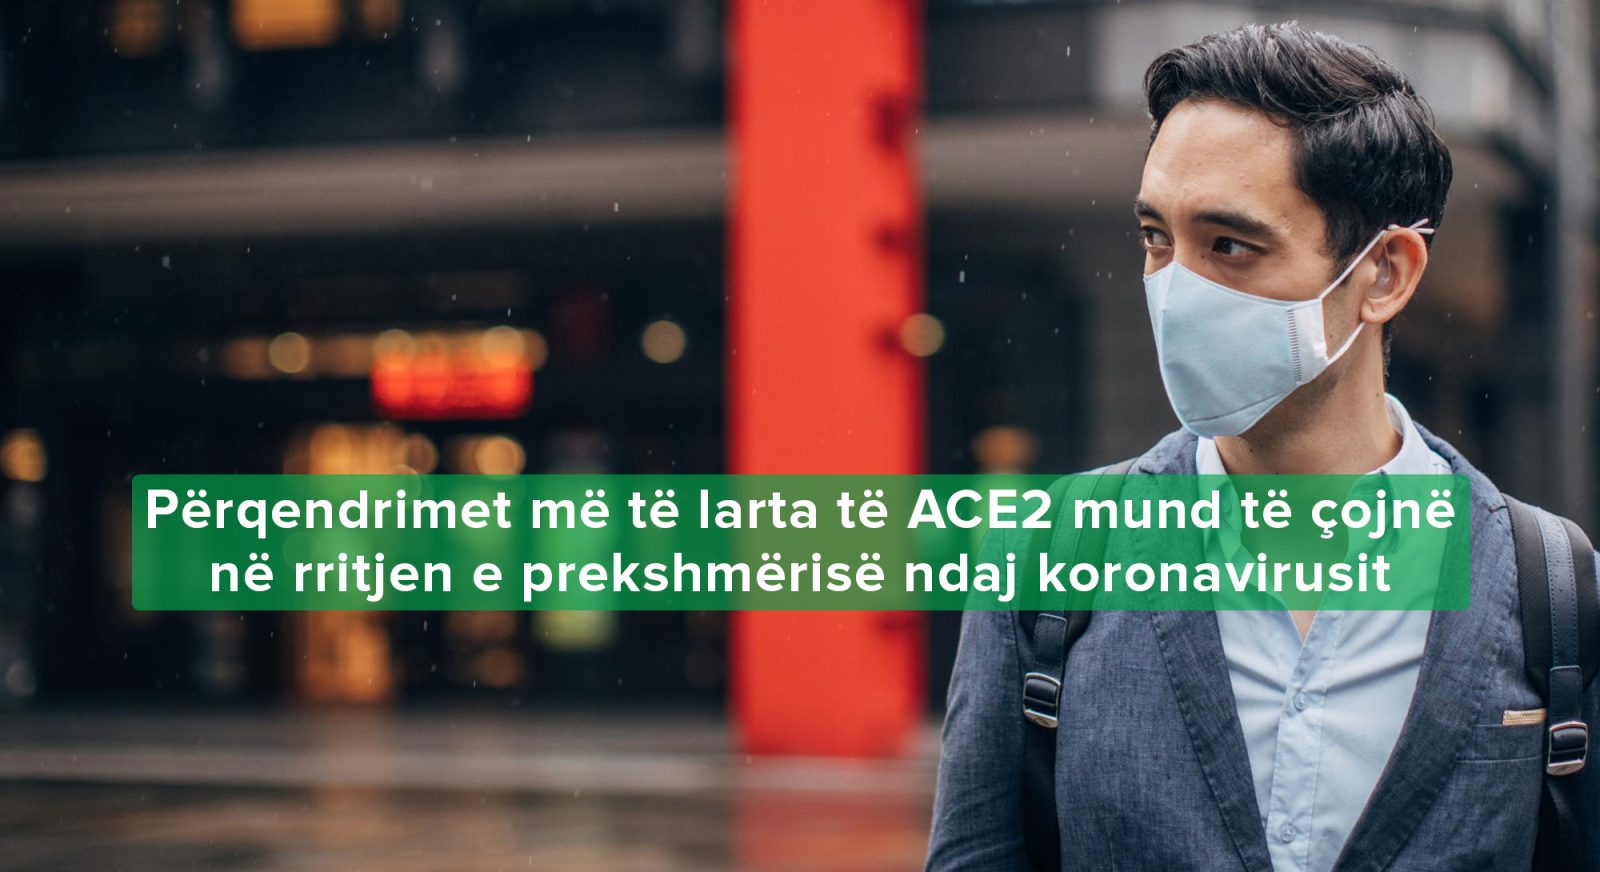 koronavirusi prek burrat lloj semundjeje